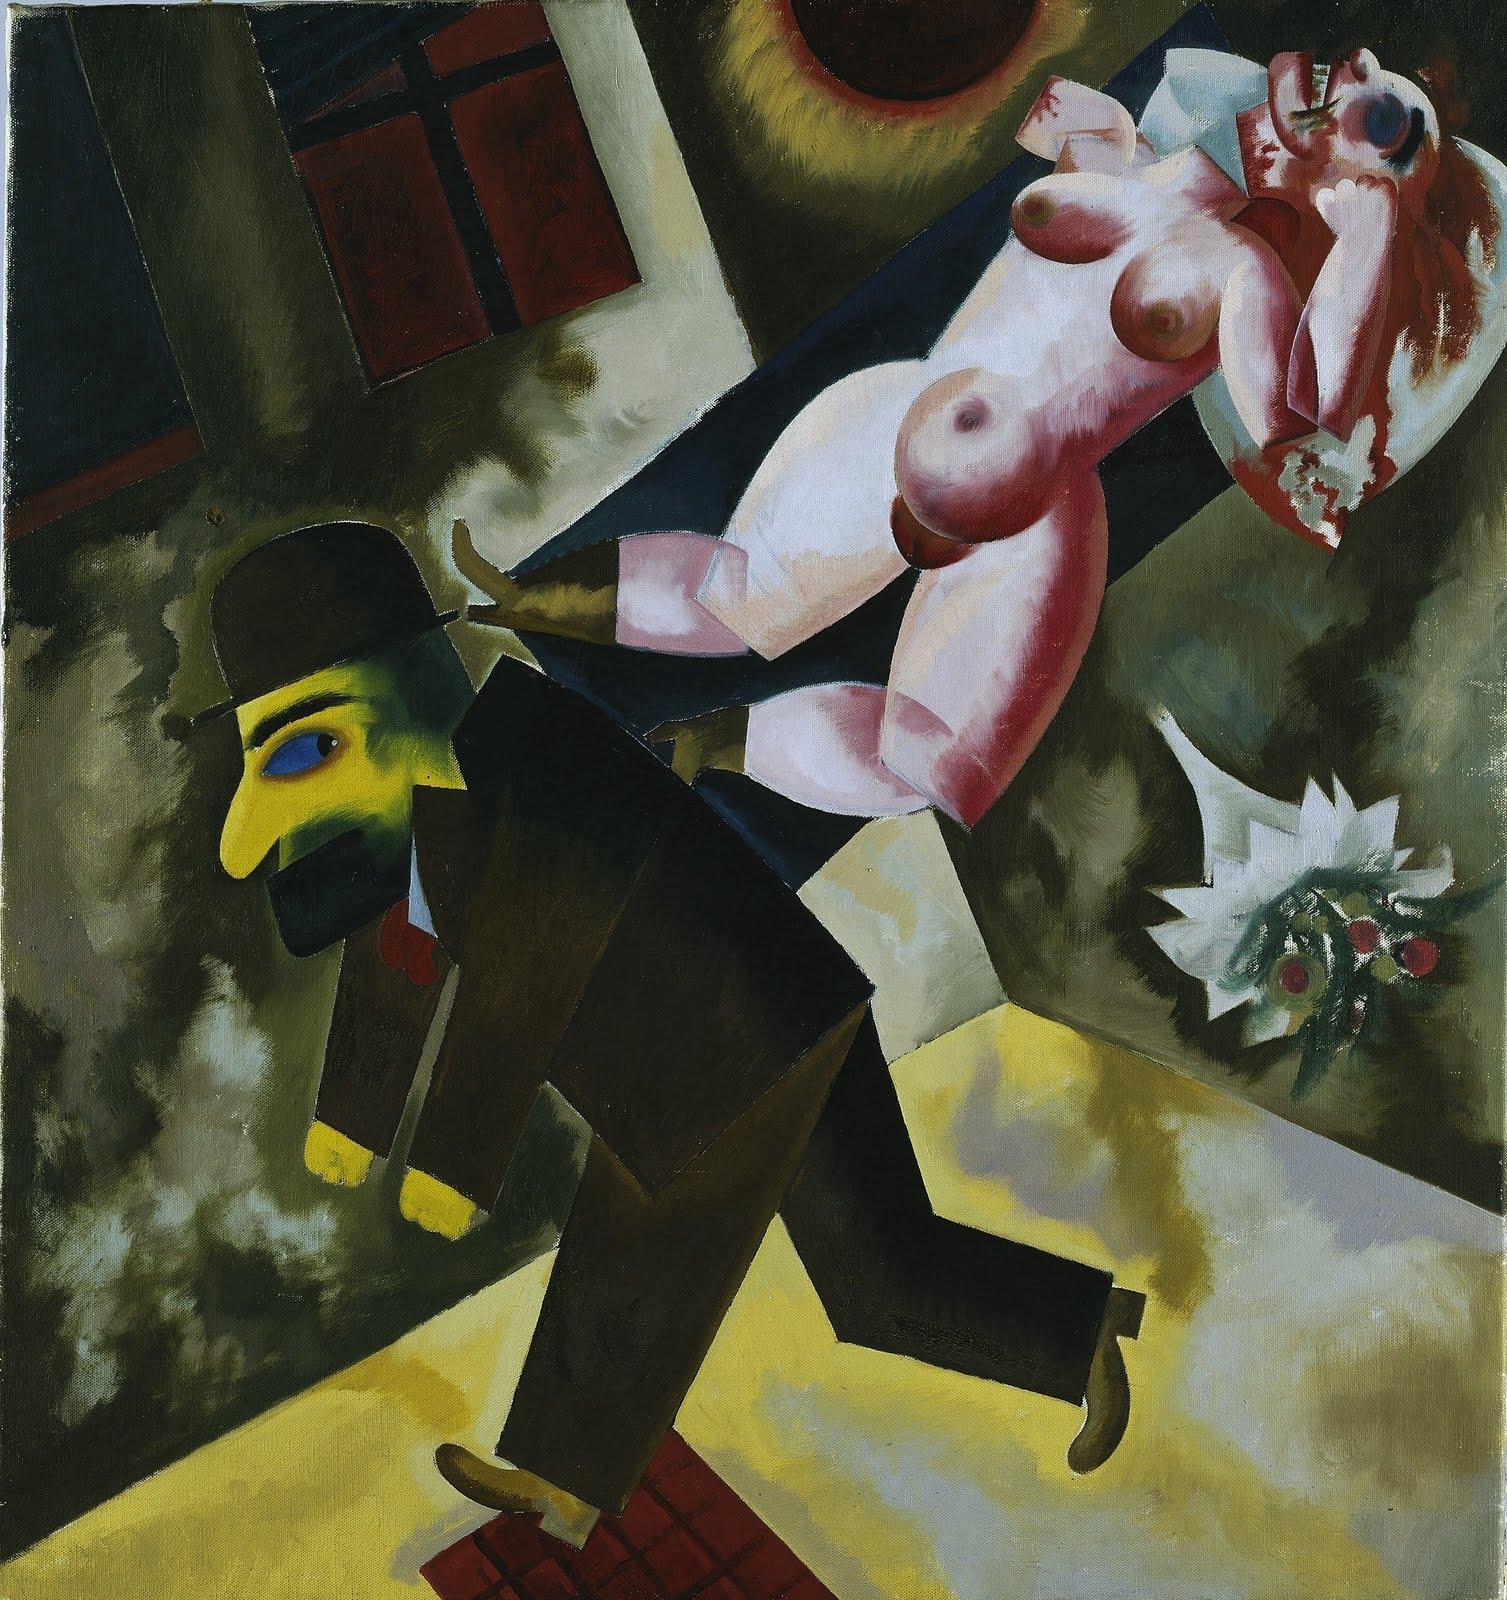 John the Sex Murderer, 1918